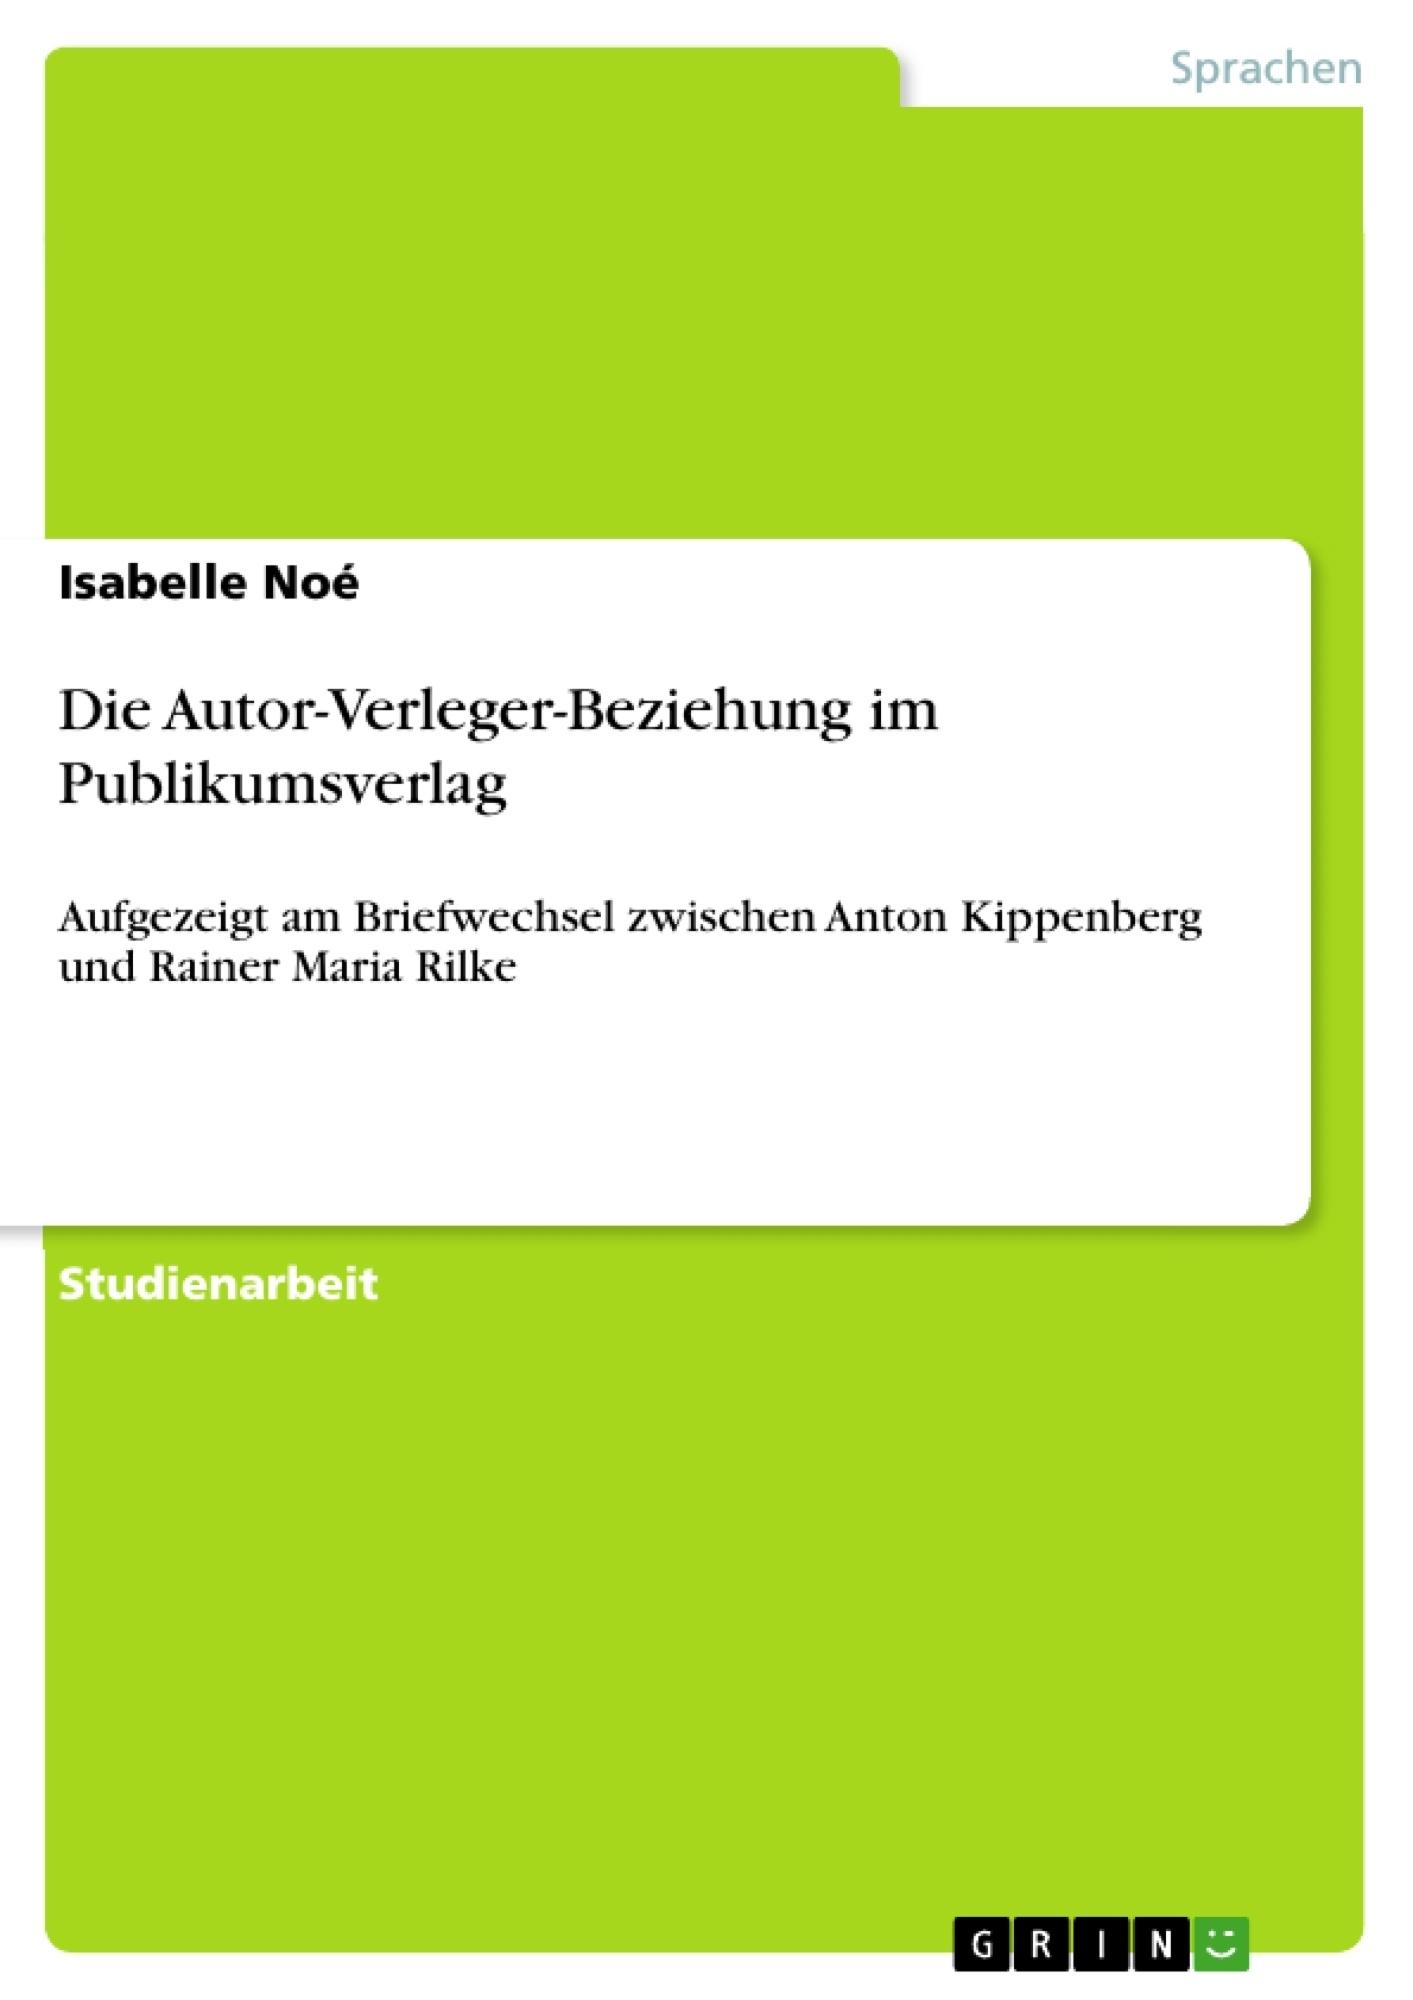 Titel: Die Autor-Verleger-Beziehung im Publikumsverlag